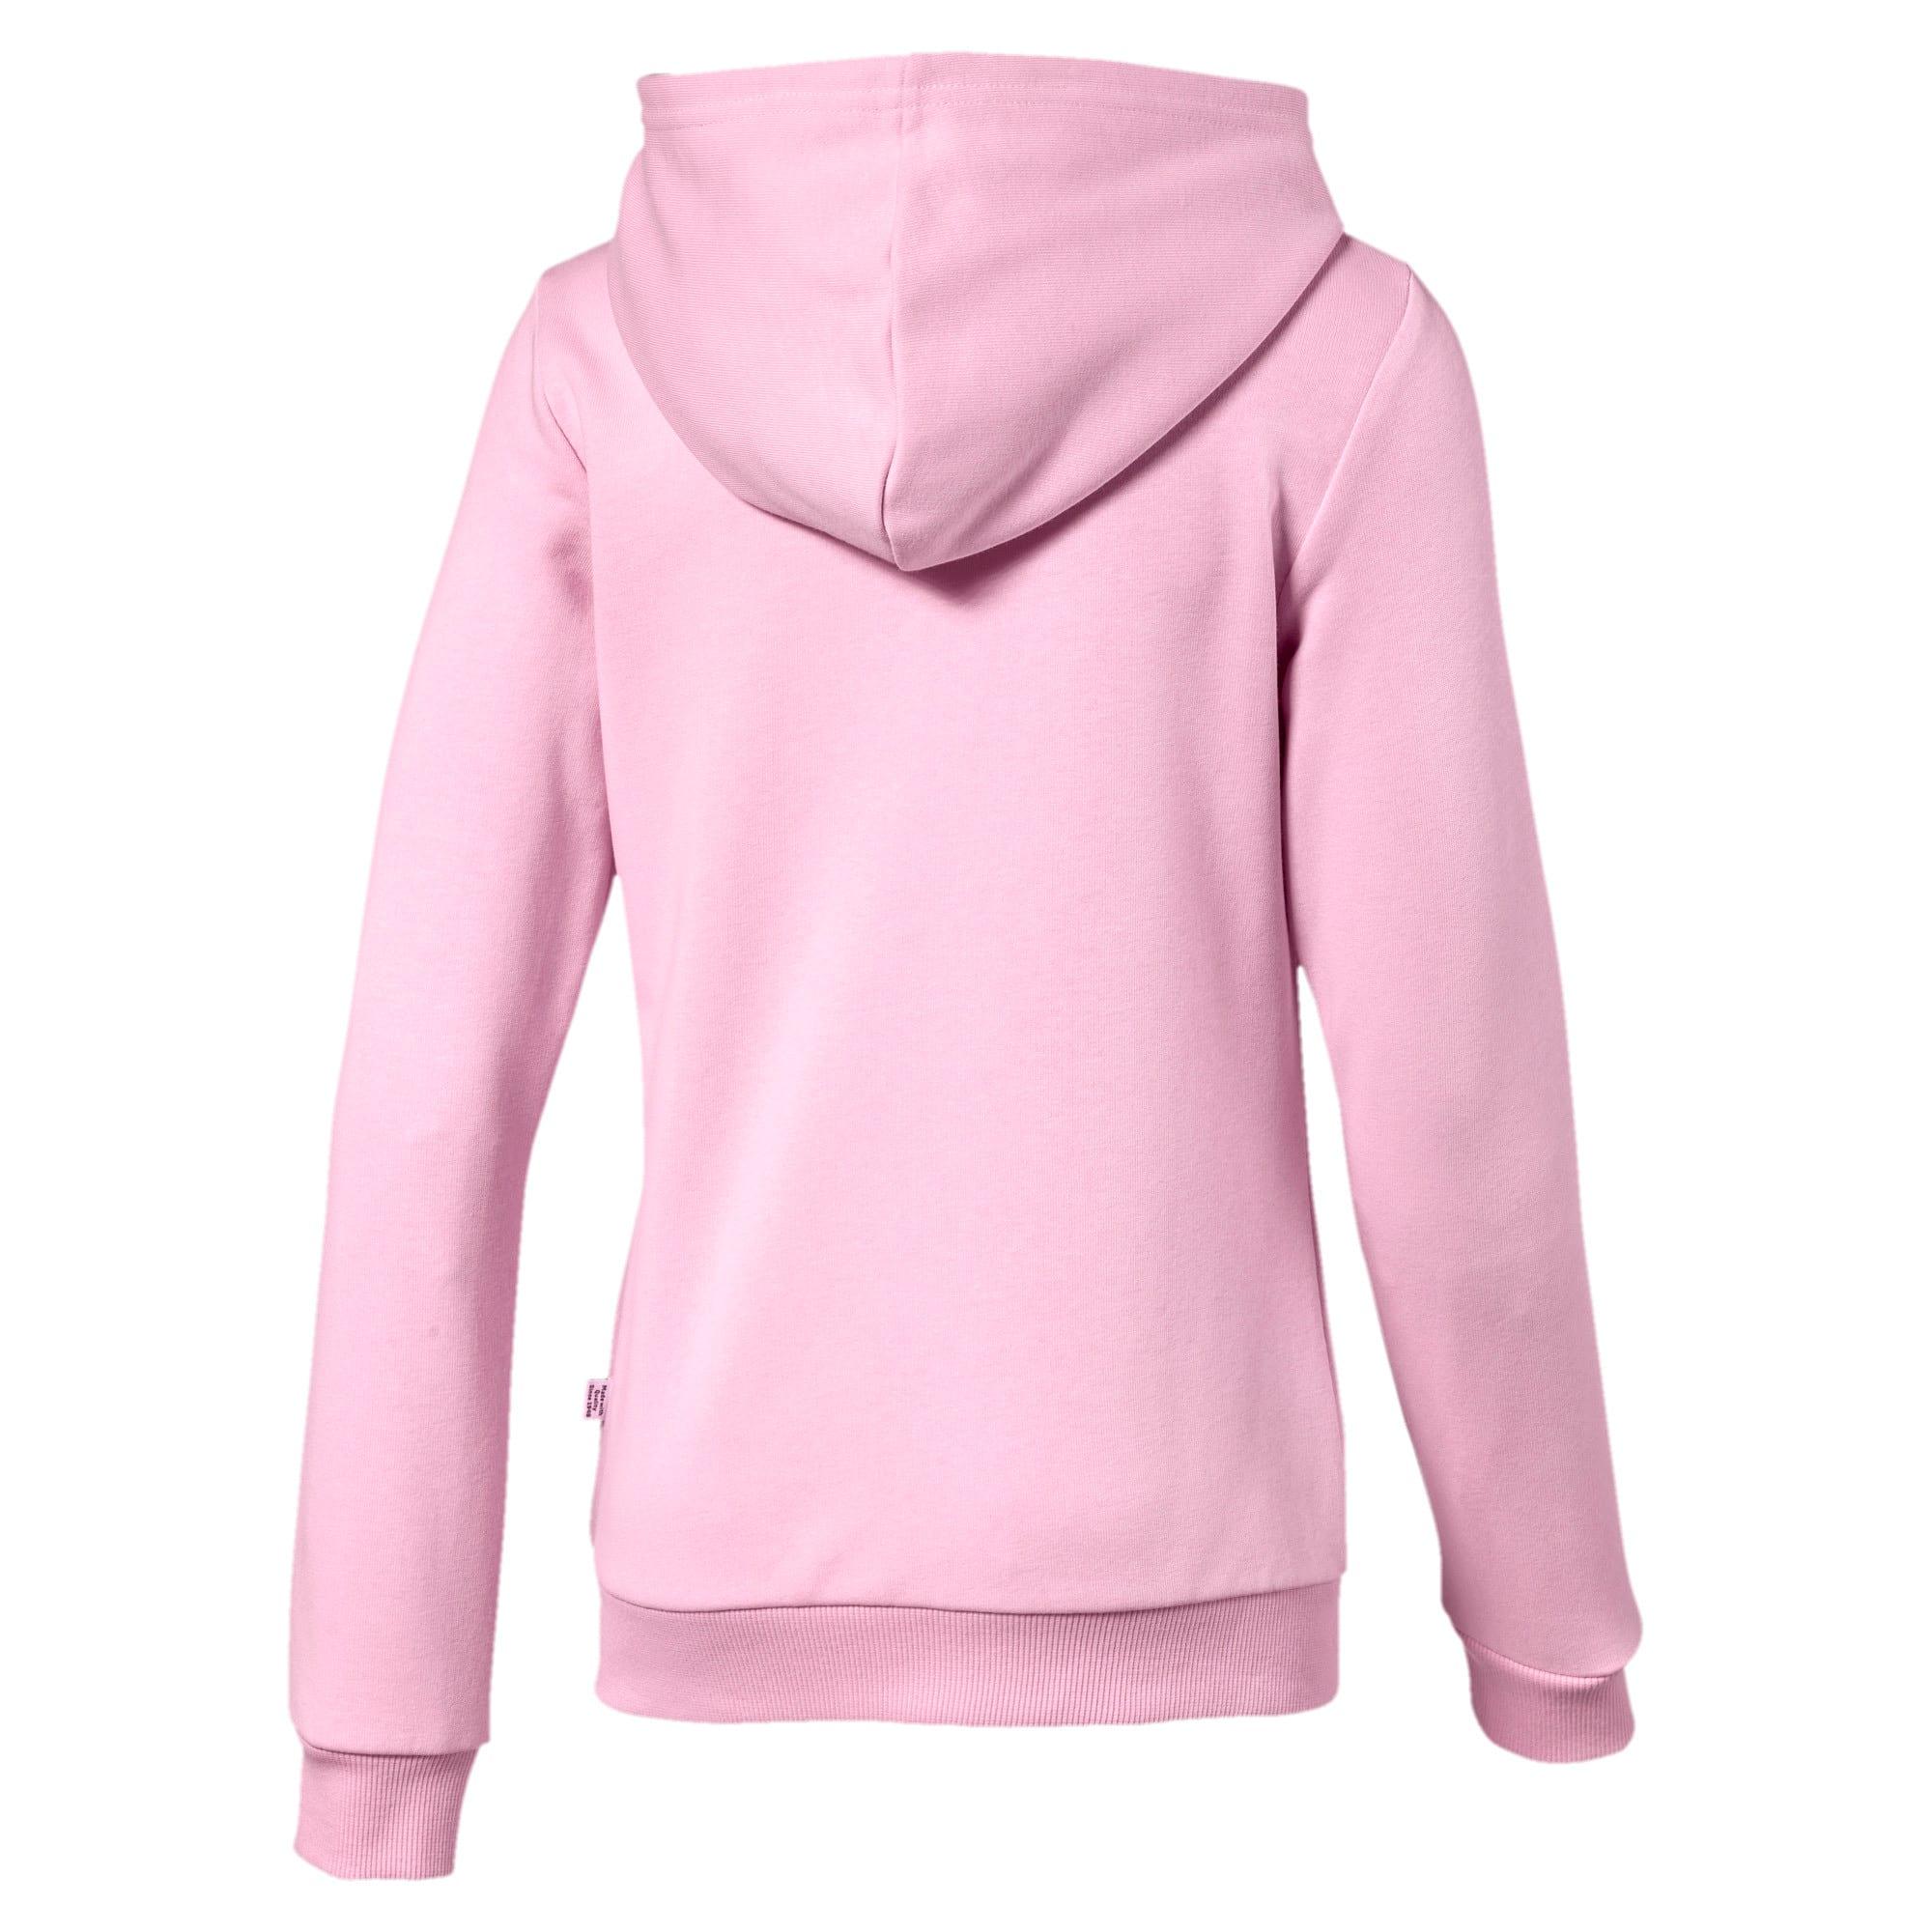 Thumbnail 2 of Blouson à capuche Essentials pour fille, Pale Pink, medium